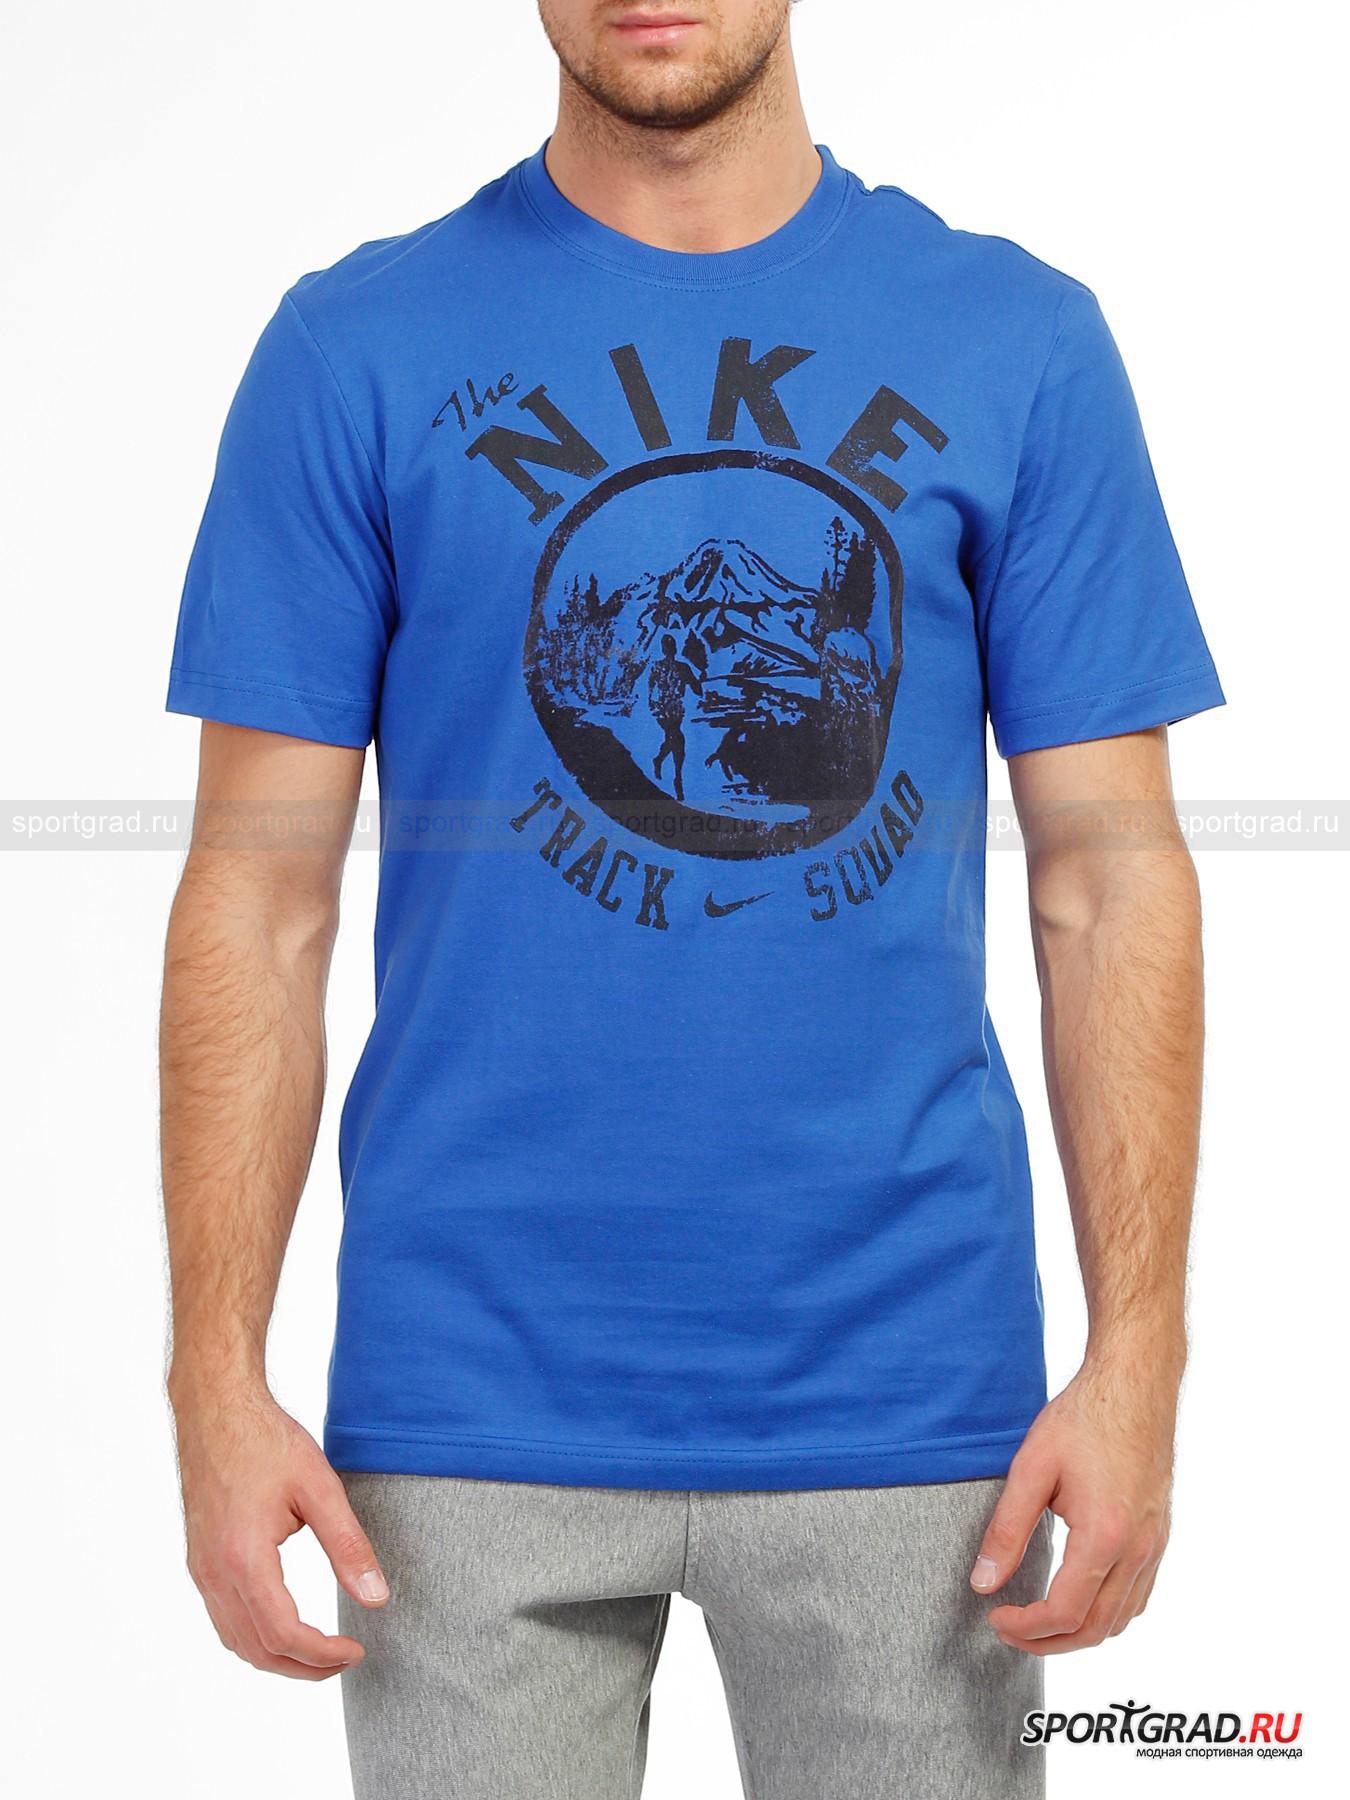 Футболка мужская NIKE TRACK SQUAD NIKE